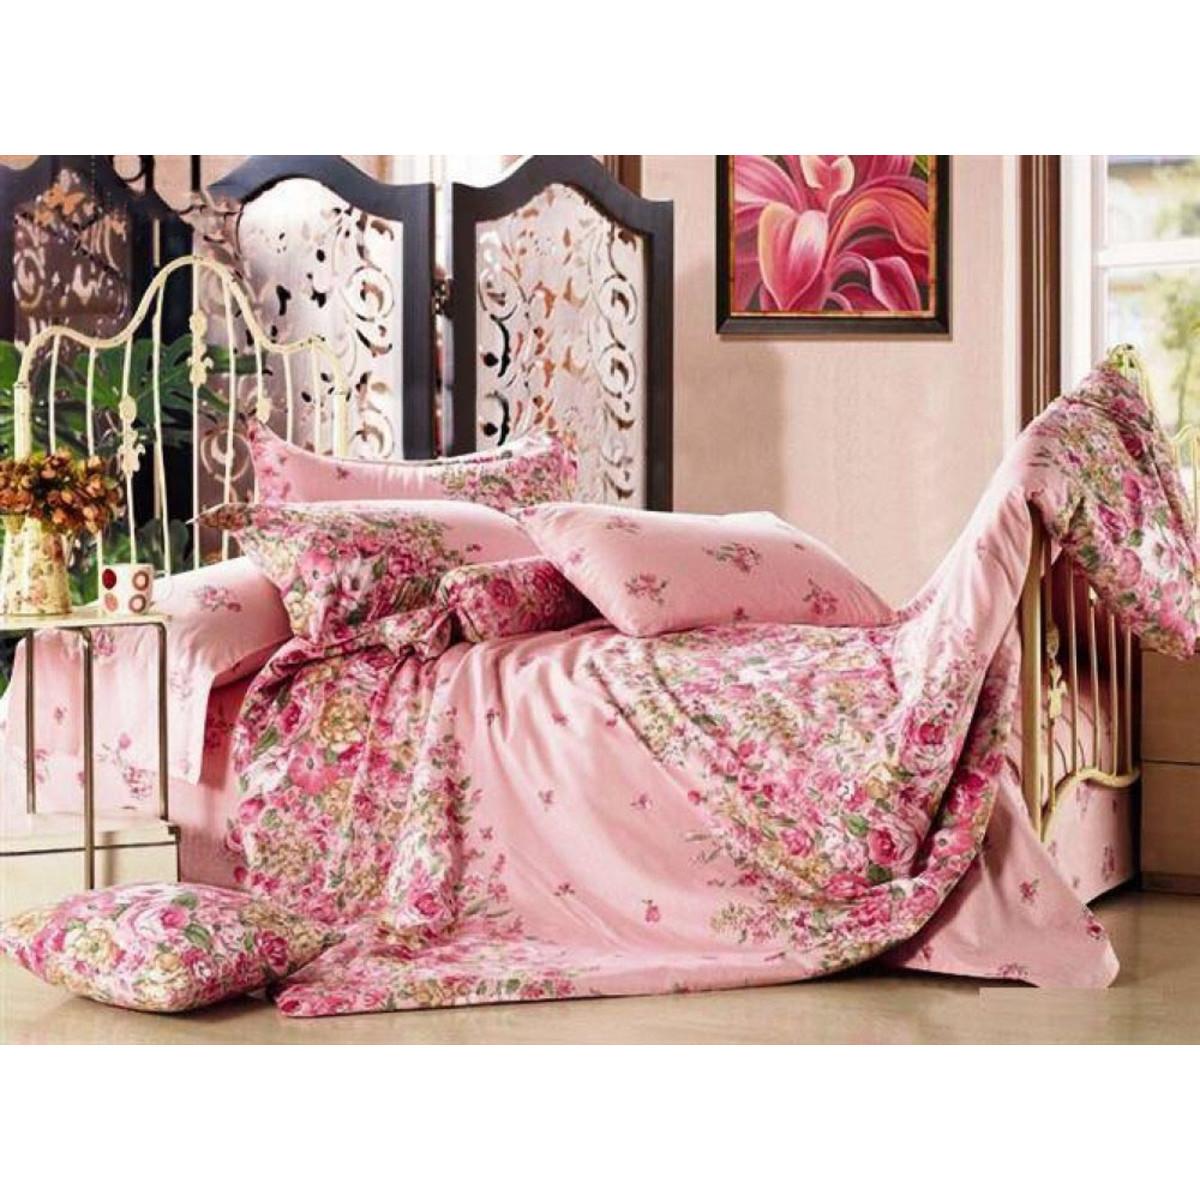 Комплект постельного белья Valtery двуспальный сатин 50x70 70x70 см